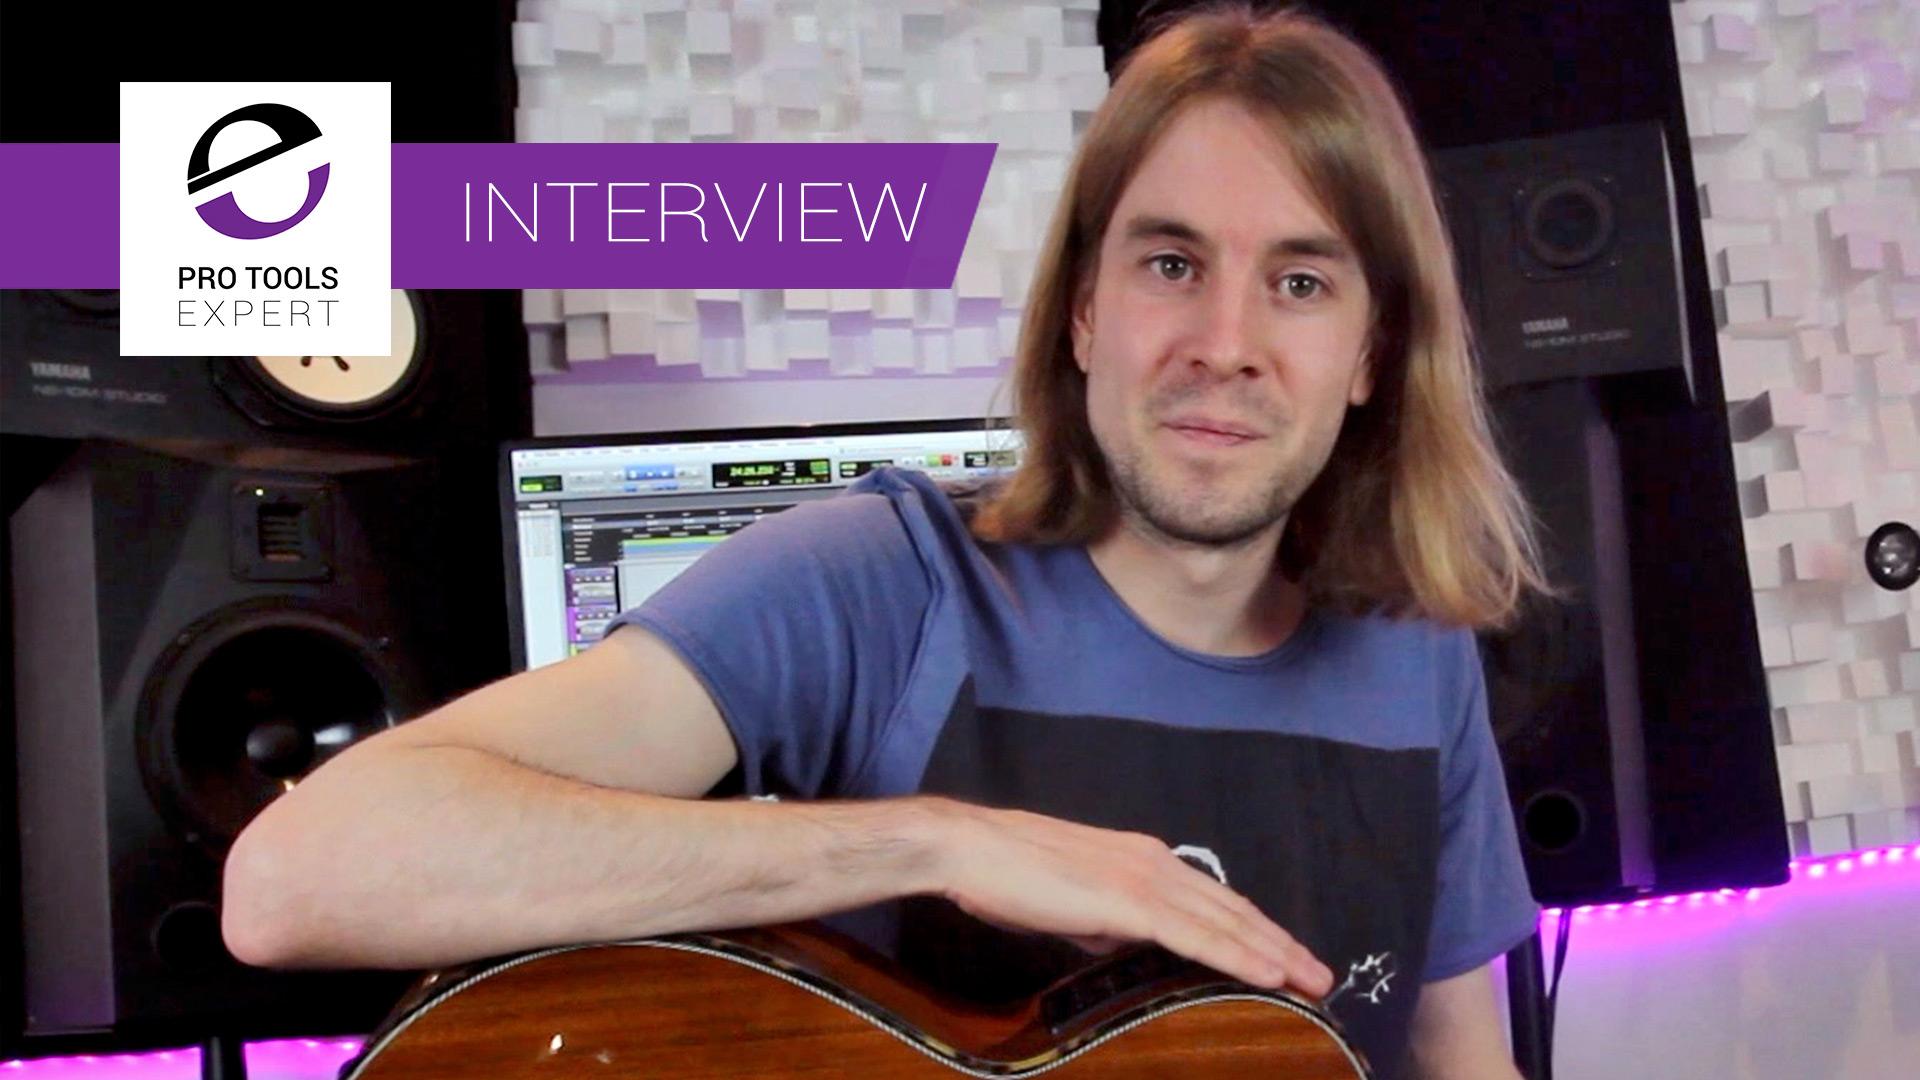 pro-tools-expert-interview-Dan-Cooper.jpg